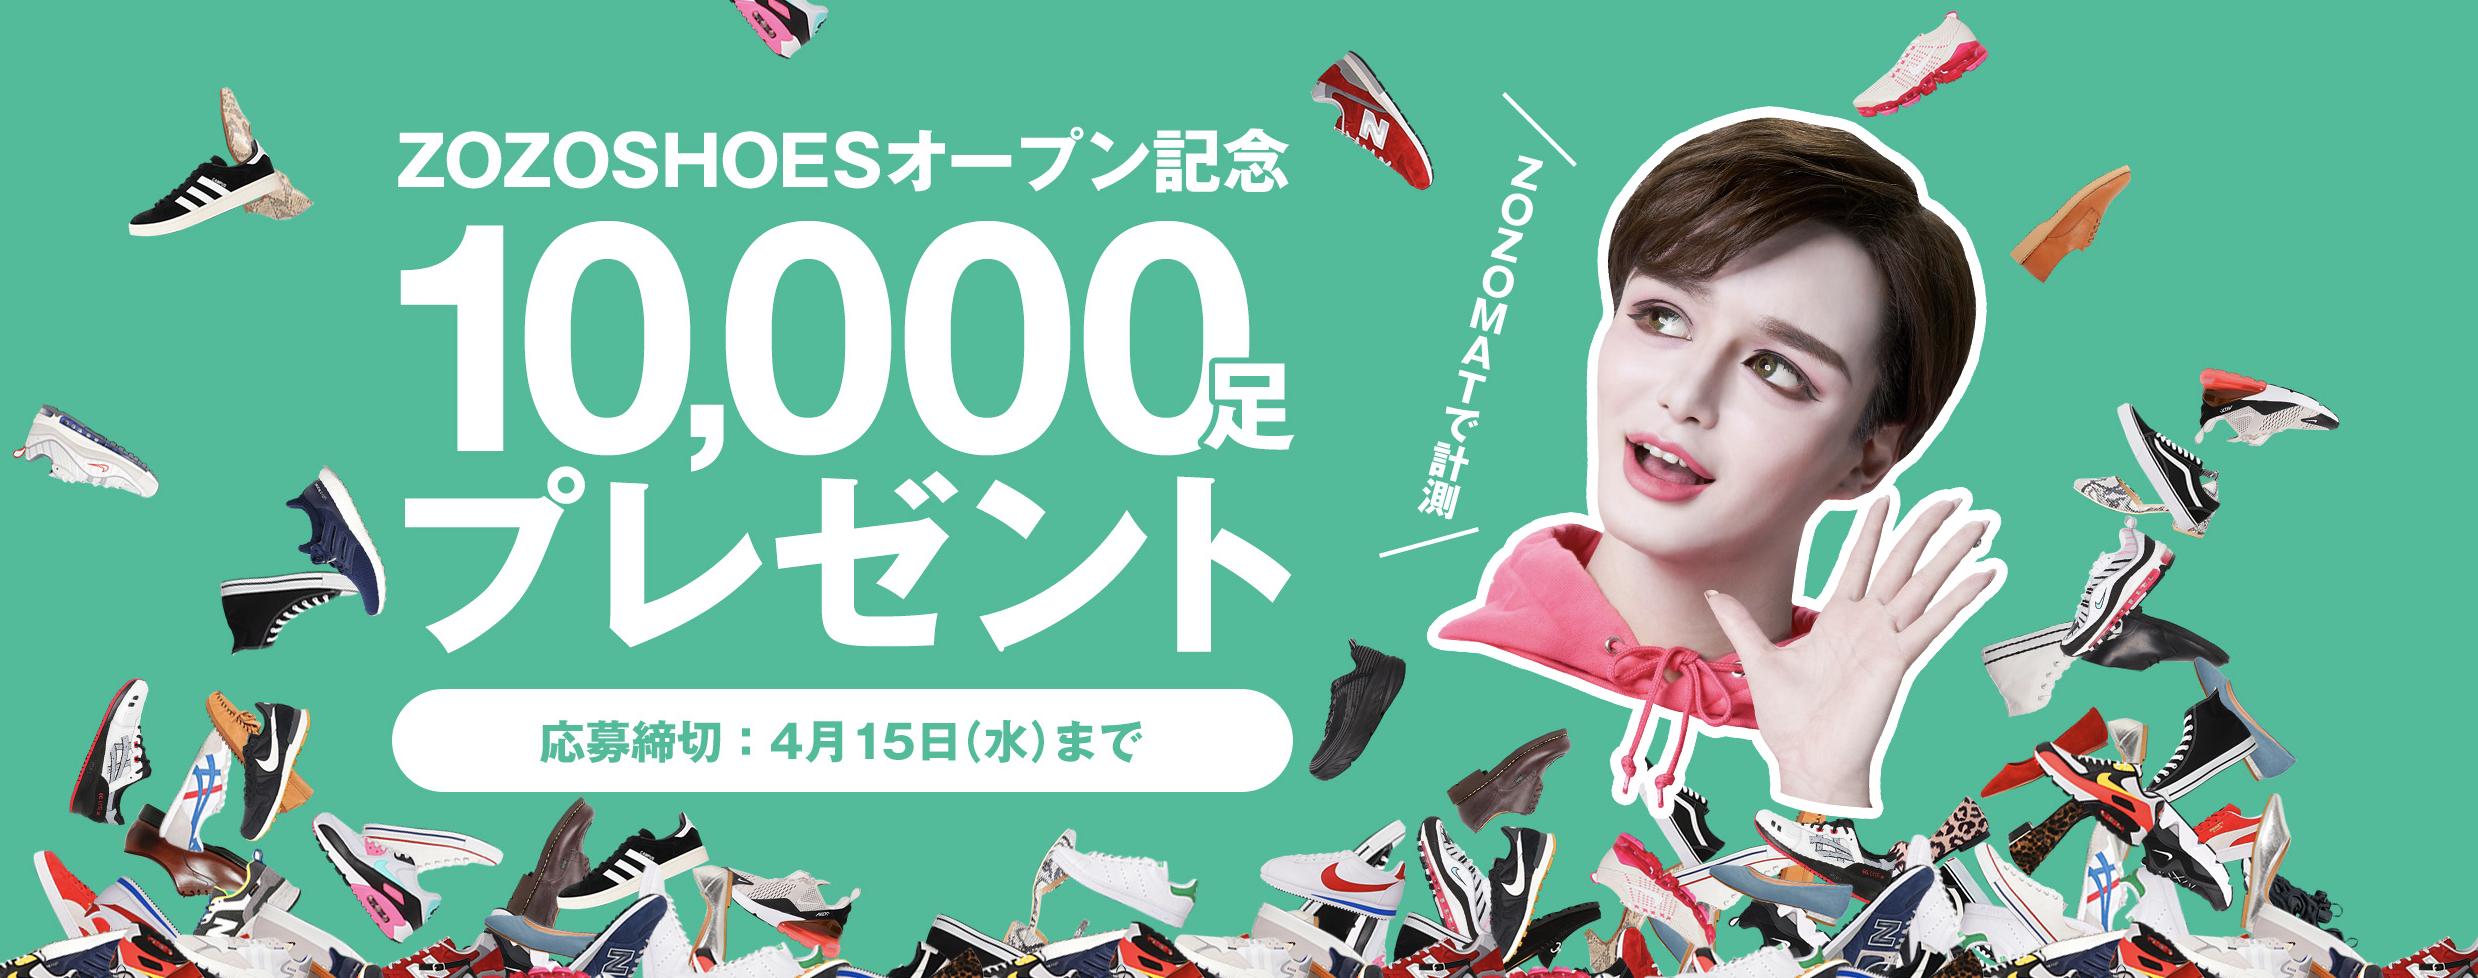 10000足キャンペーン